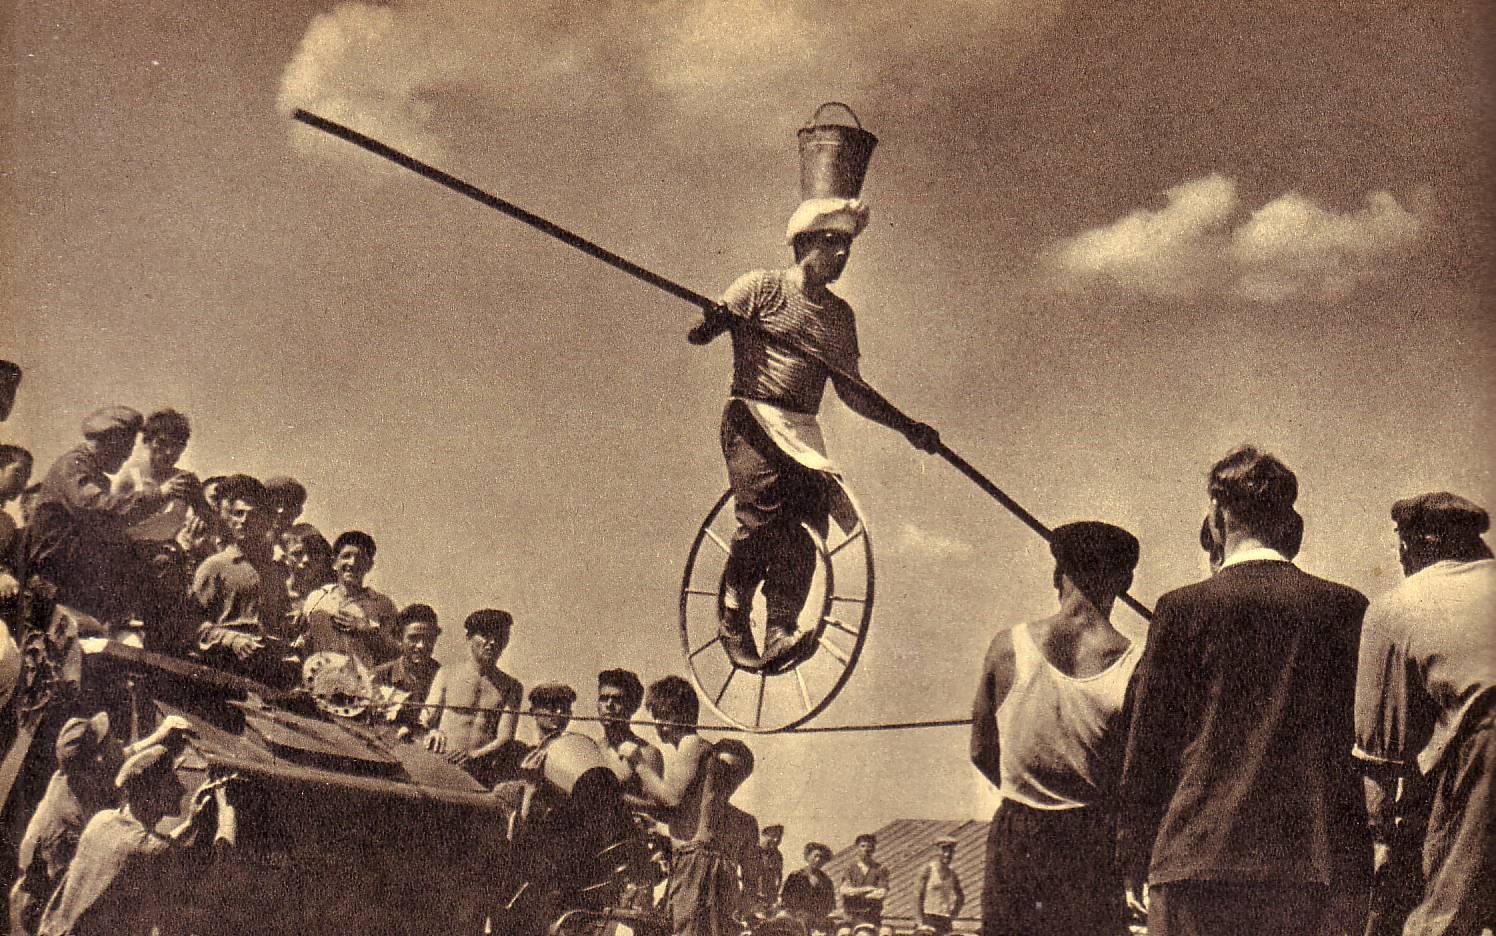 На целине. Фото артиста цирка С. Валуева